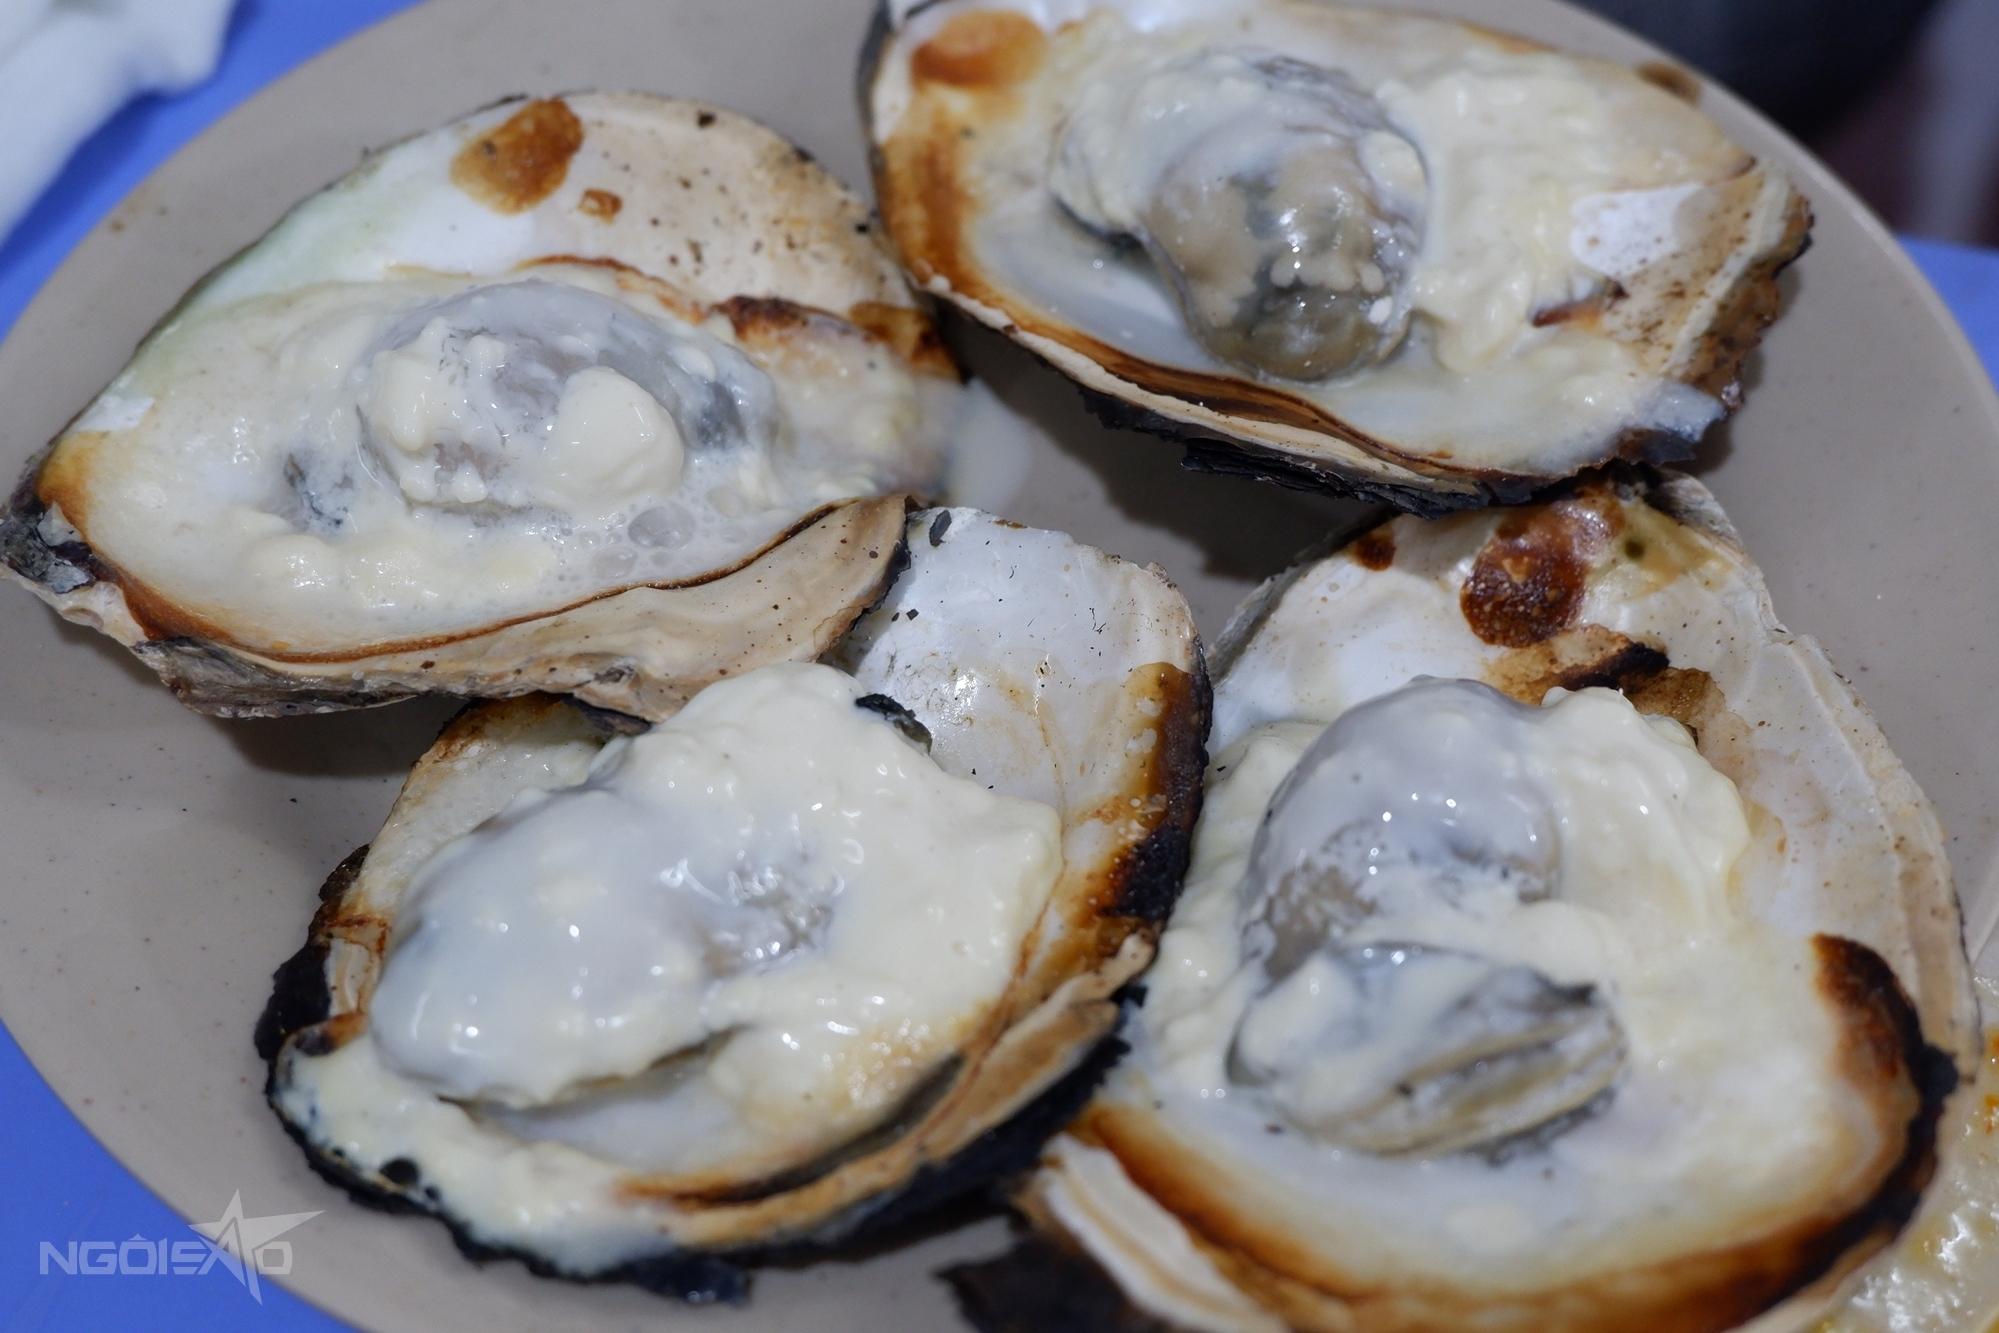 Tương tự nướng mọi, hải sản nướng phô mai dễ chế biến không kém. Tuy nhiên, cách chế biến này thường được áp dụng với các loại sò như: sò điệp, sò mai, sò dương..., đặc biệt là hàu. Sò, hàu vốn có vị béo nhẹ nên khi thêm phô mai hương vị càng đậm đà, quyến rũ. Sau khi làm sạch sò, bạn tách làm đôi, bỏ một bên vỏ rồi đặt lên bếp nướng tới khi gần chín thì cho miếng phô mai vào. Đợi phô mai tan chảy hết là xong. Món này có thể ăn kèm nước mắm pha loãng hoặc ăn không.